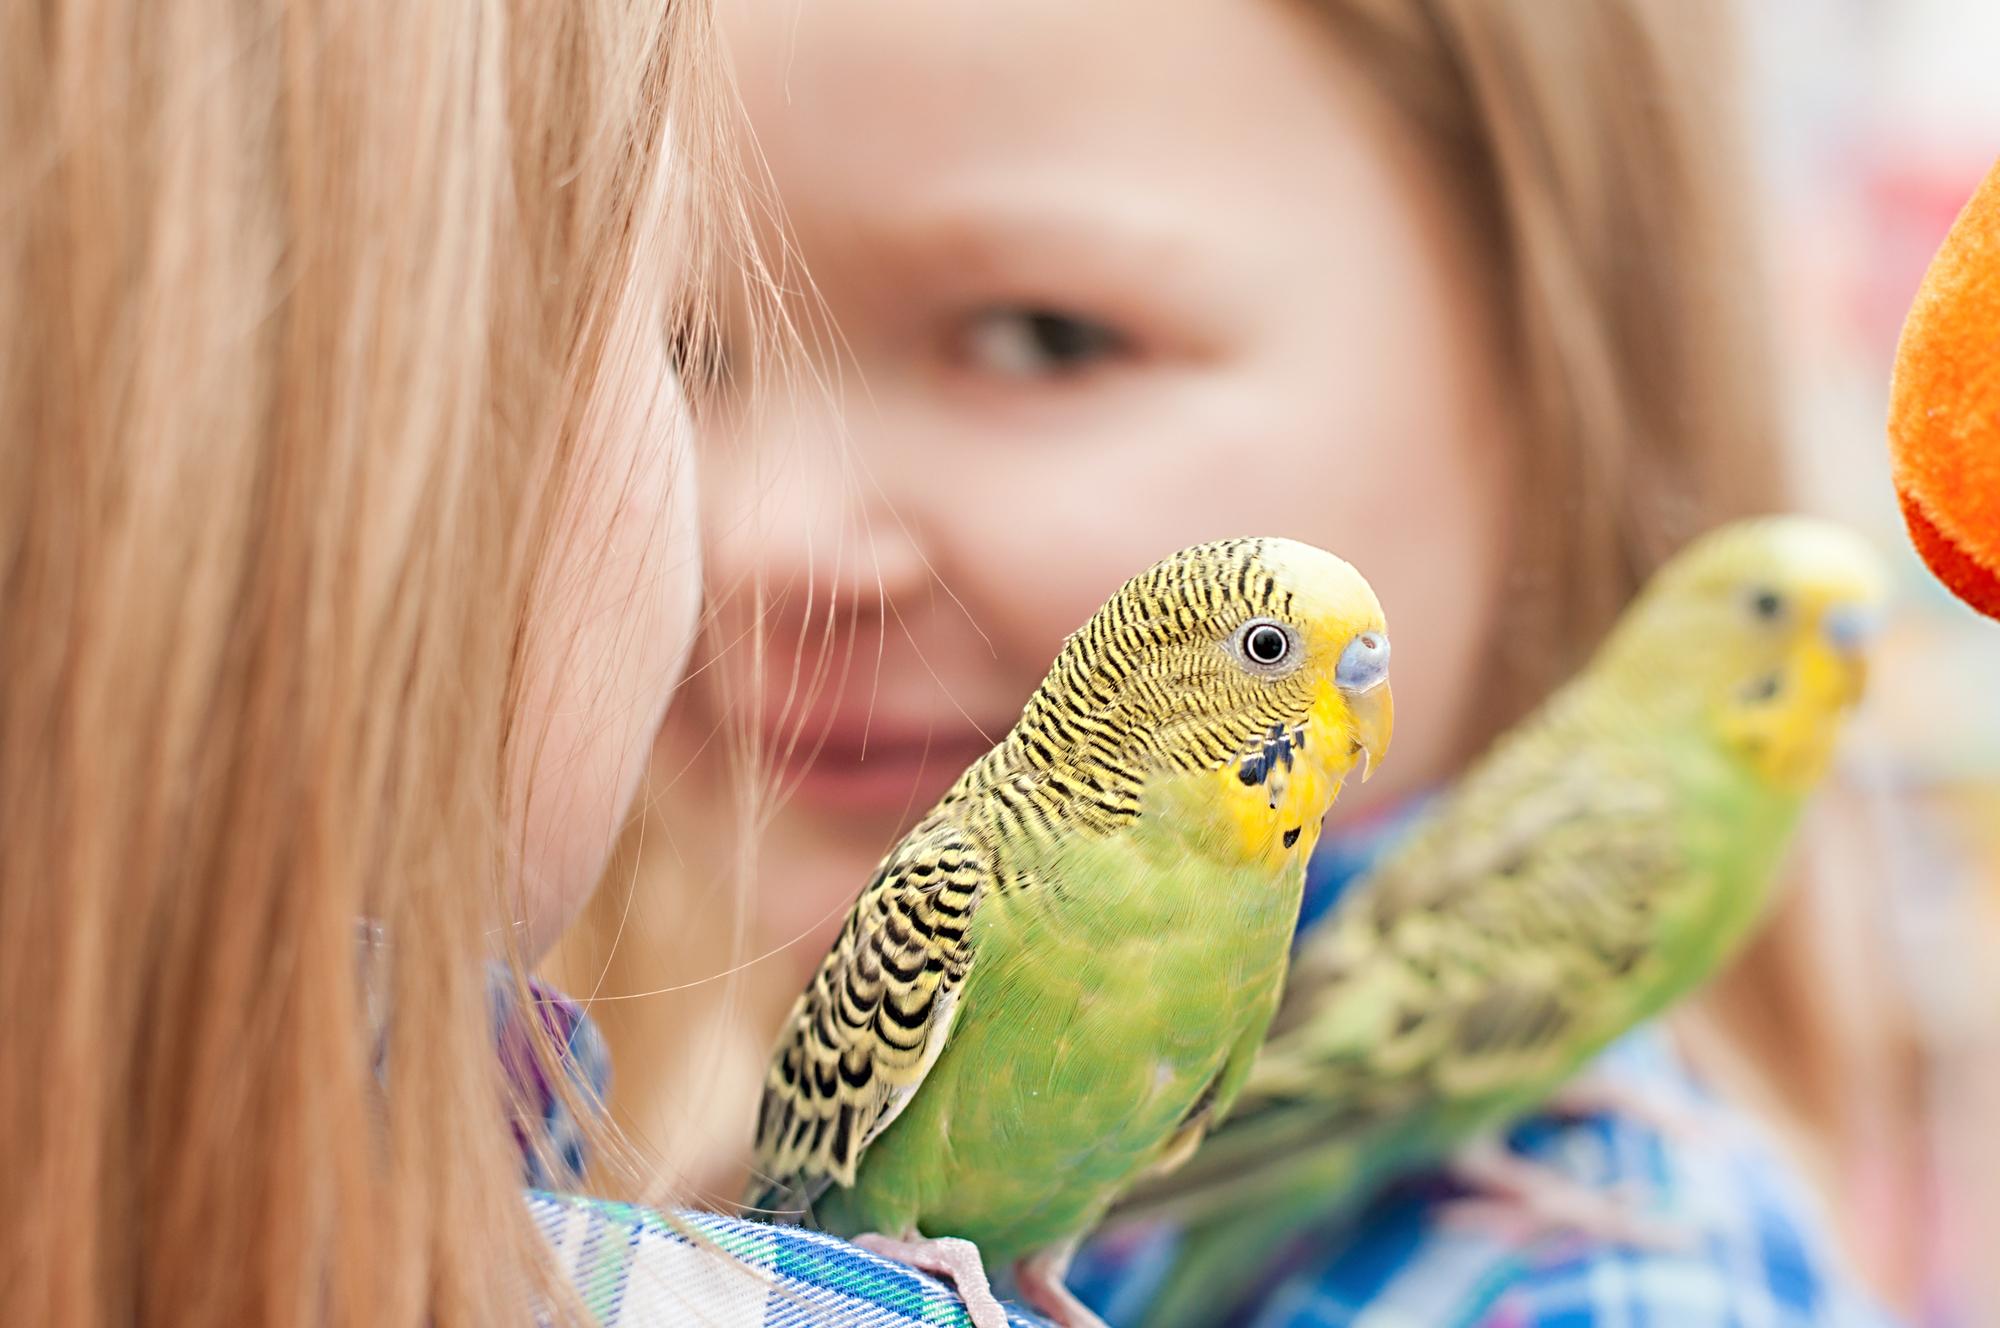 Улетел попугай: как найти и поймать?